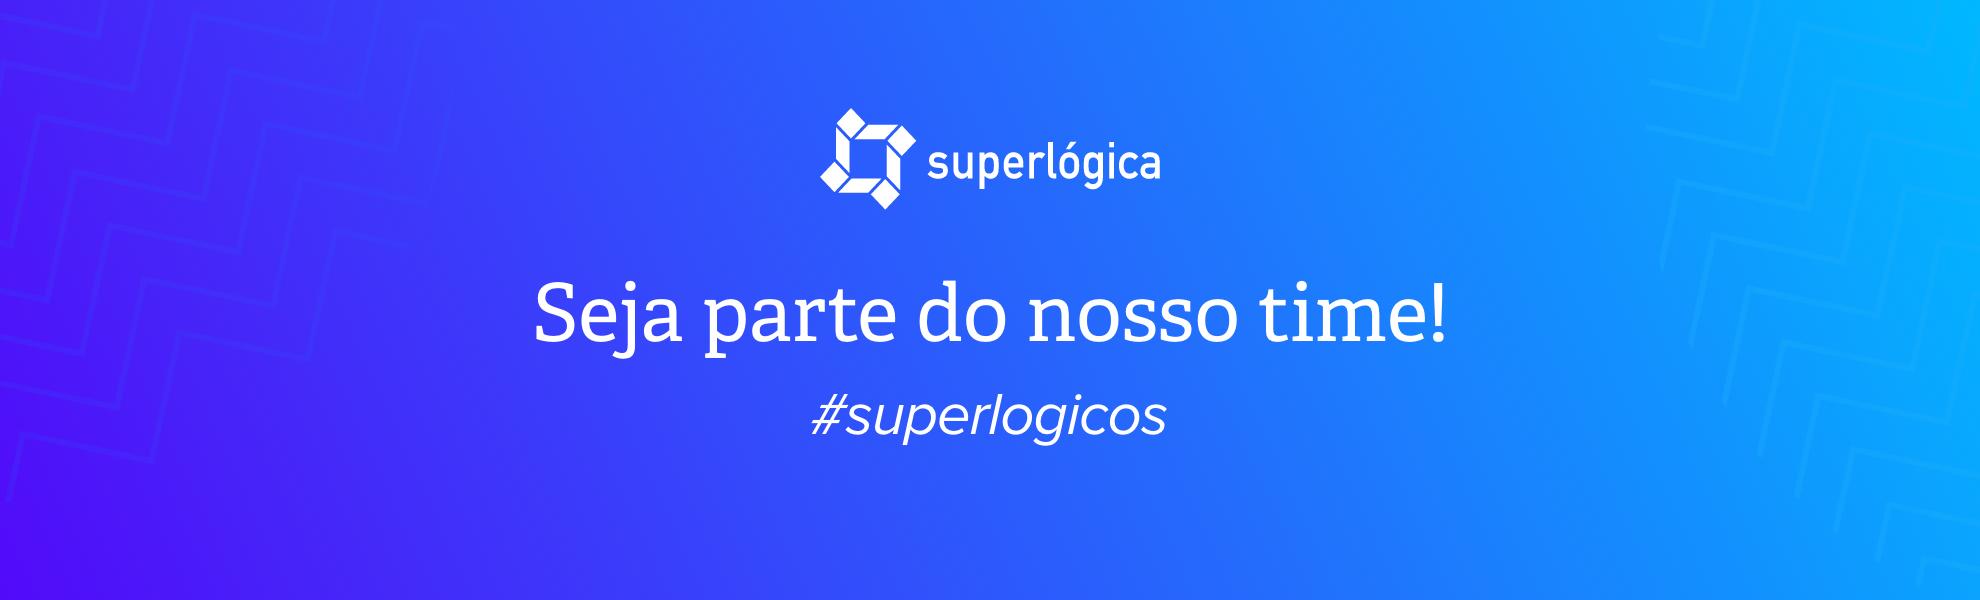 Desenvolvedor PHP Plataforma - Superlógica - Campinas